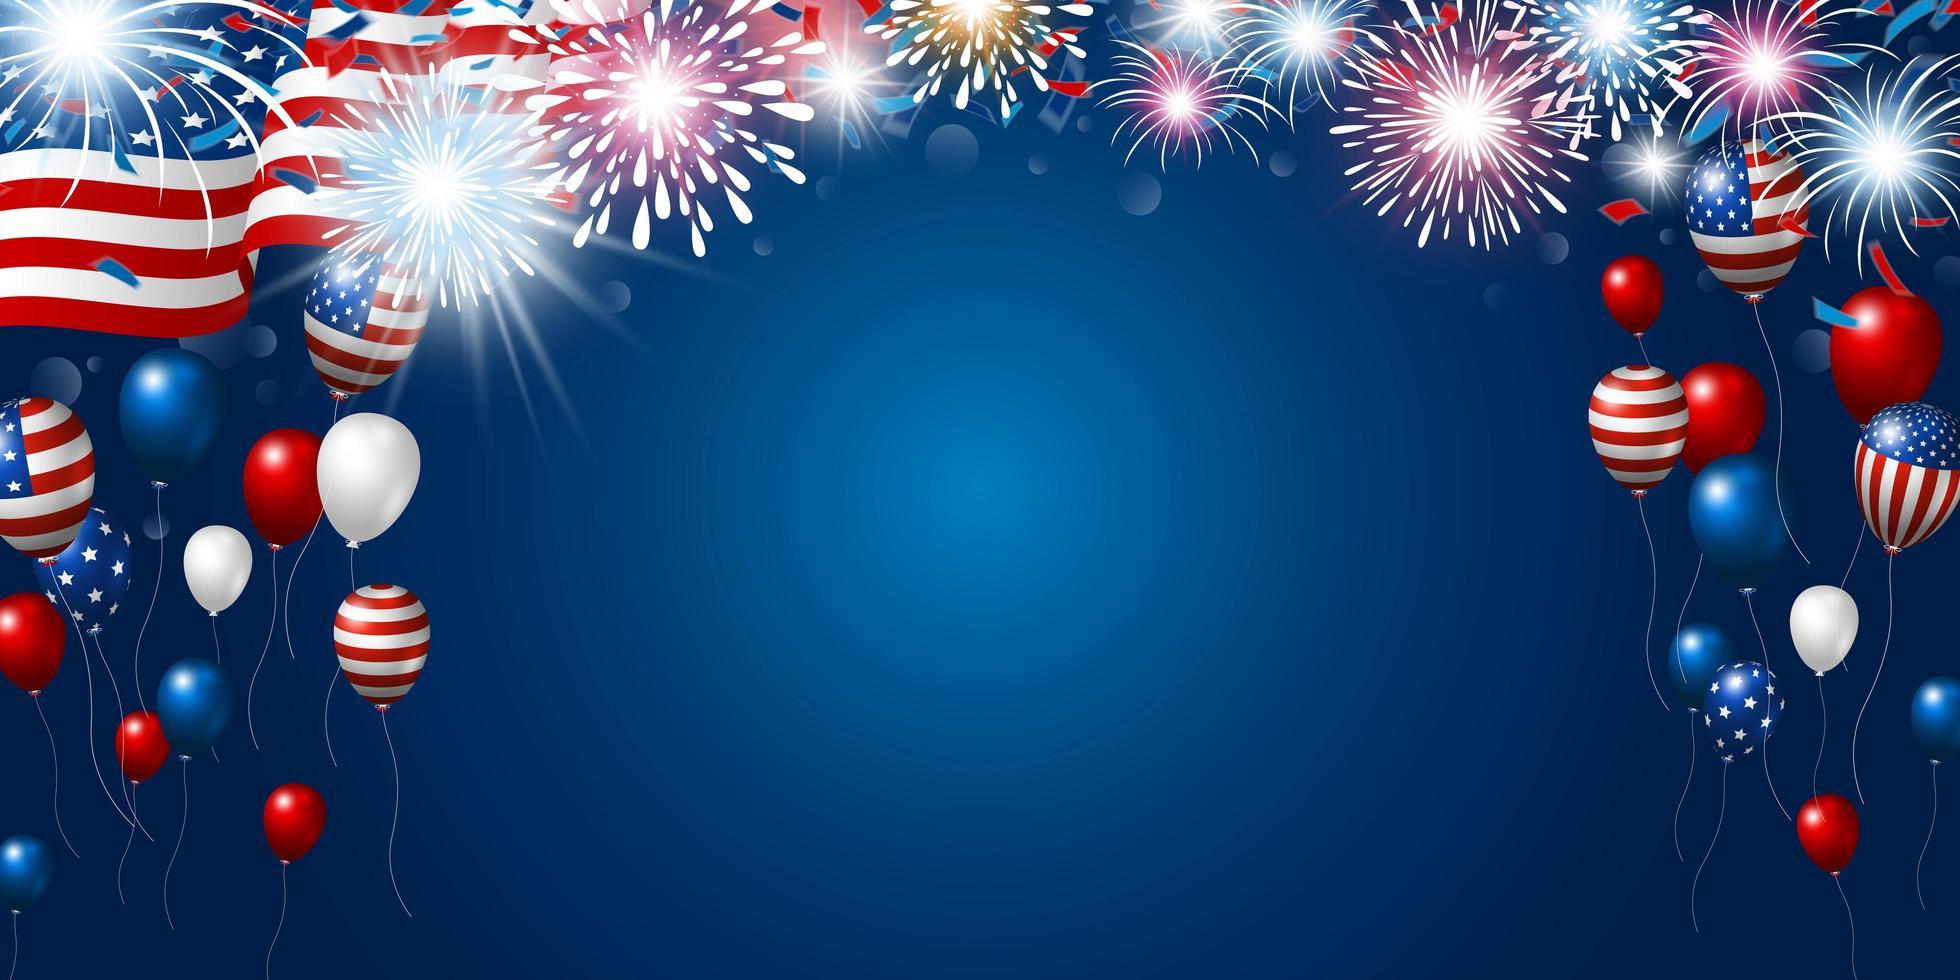 disegno della bandiera americana con fuochi d'artificio e palloncini vettore